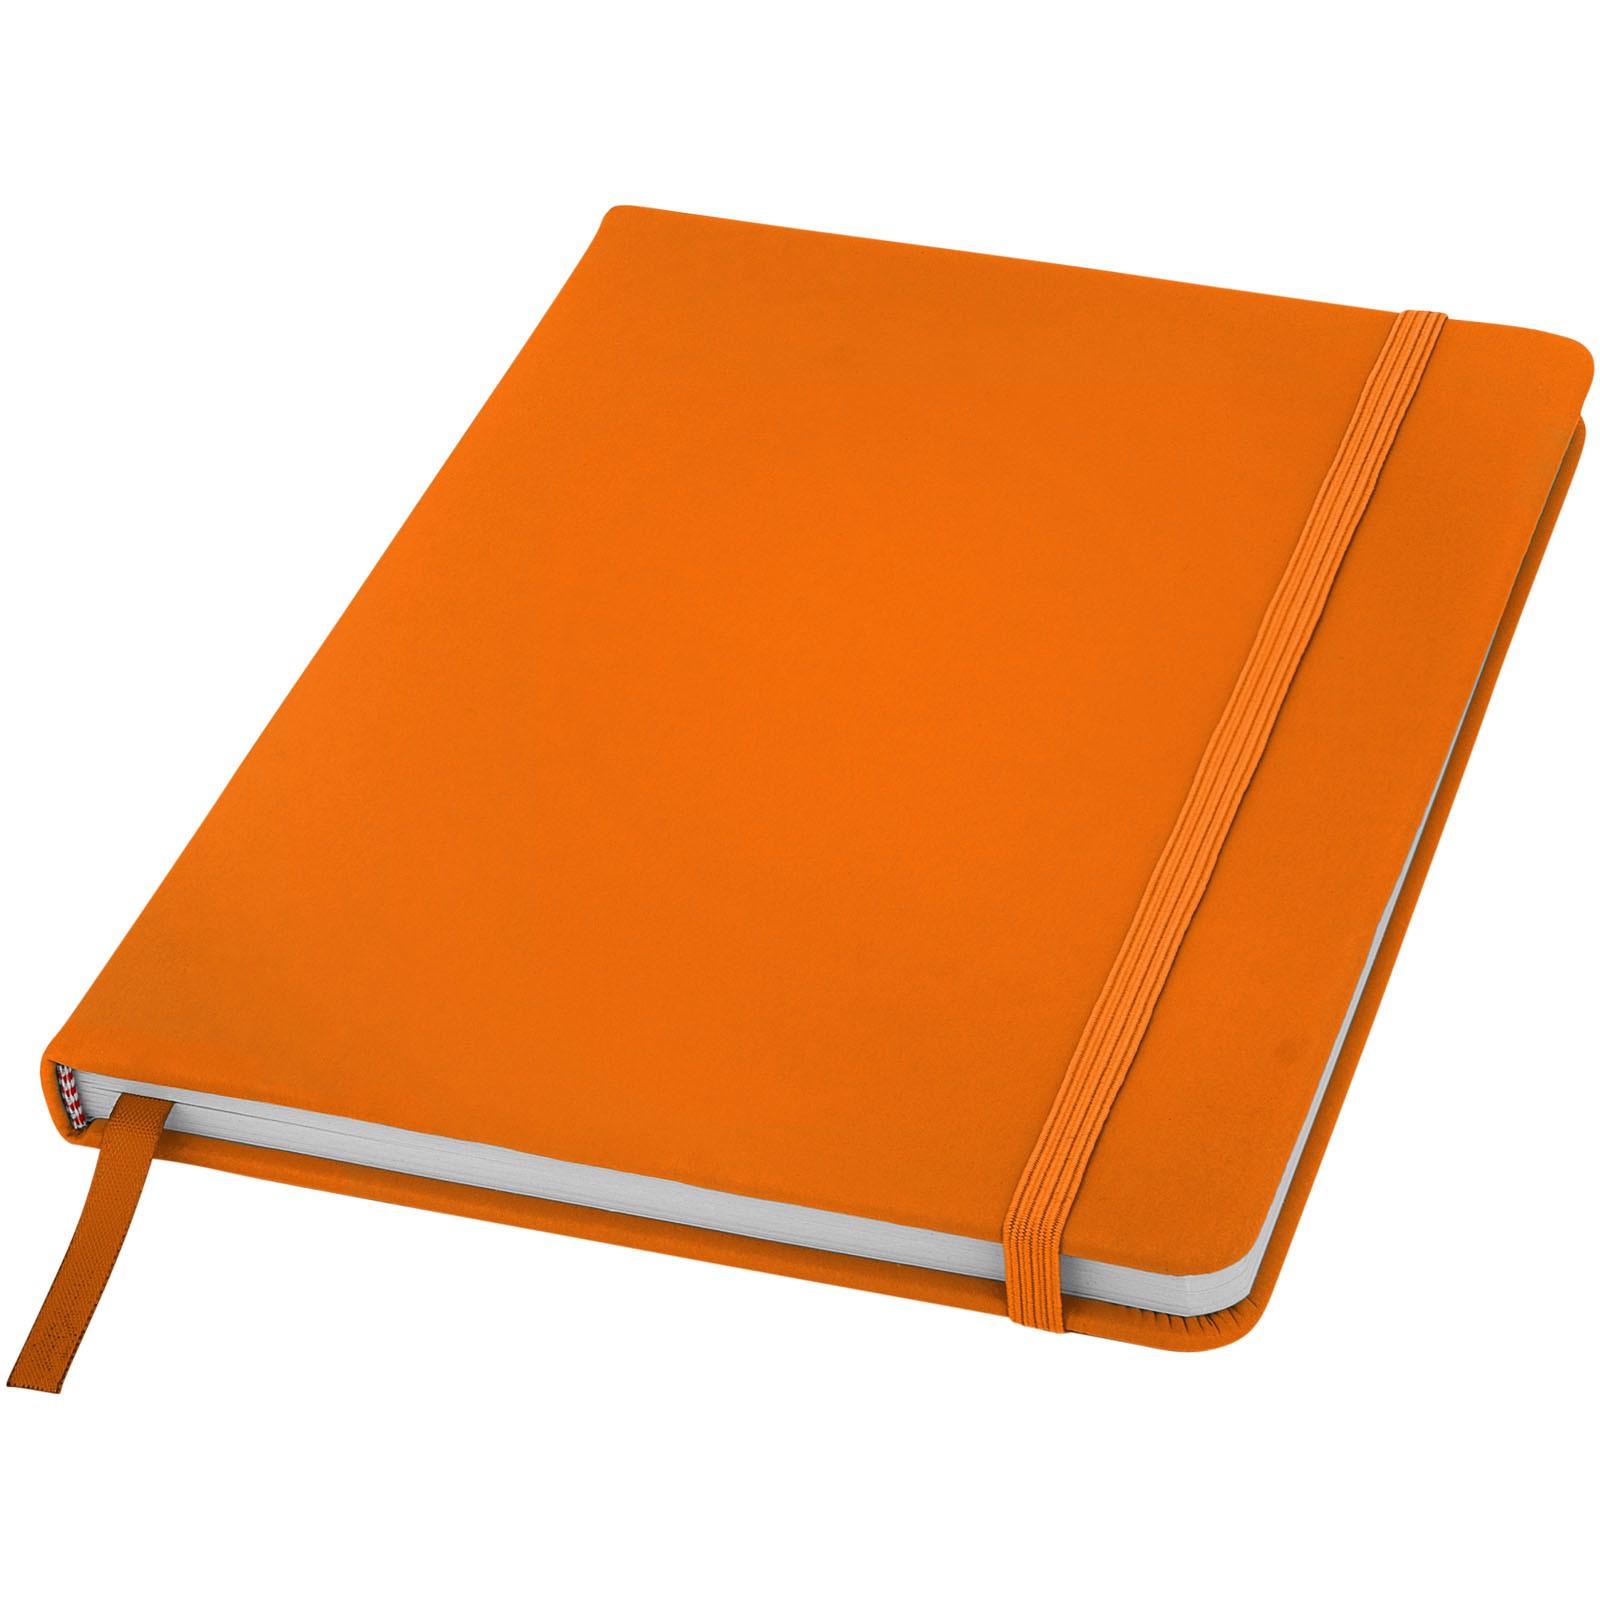 Zápisník s pevnou obálkou A5 Spectrum - 0ranžová